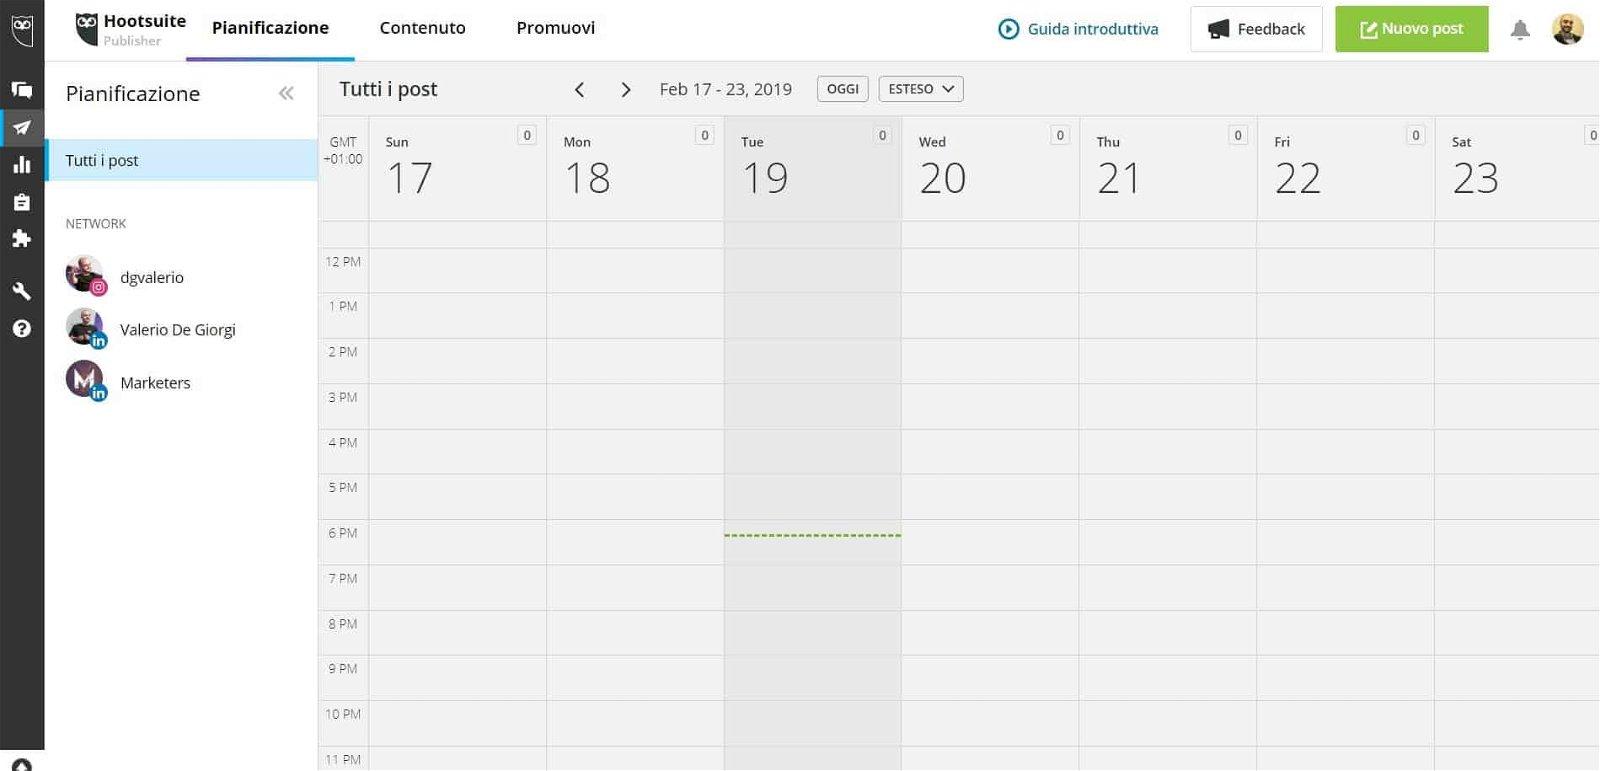 Recensione Hootsuite - La Suite giusta per Il Social Media Marketing? 12